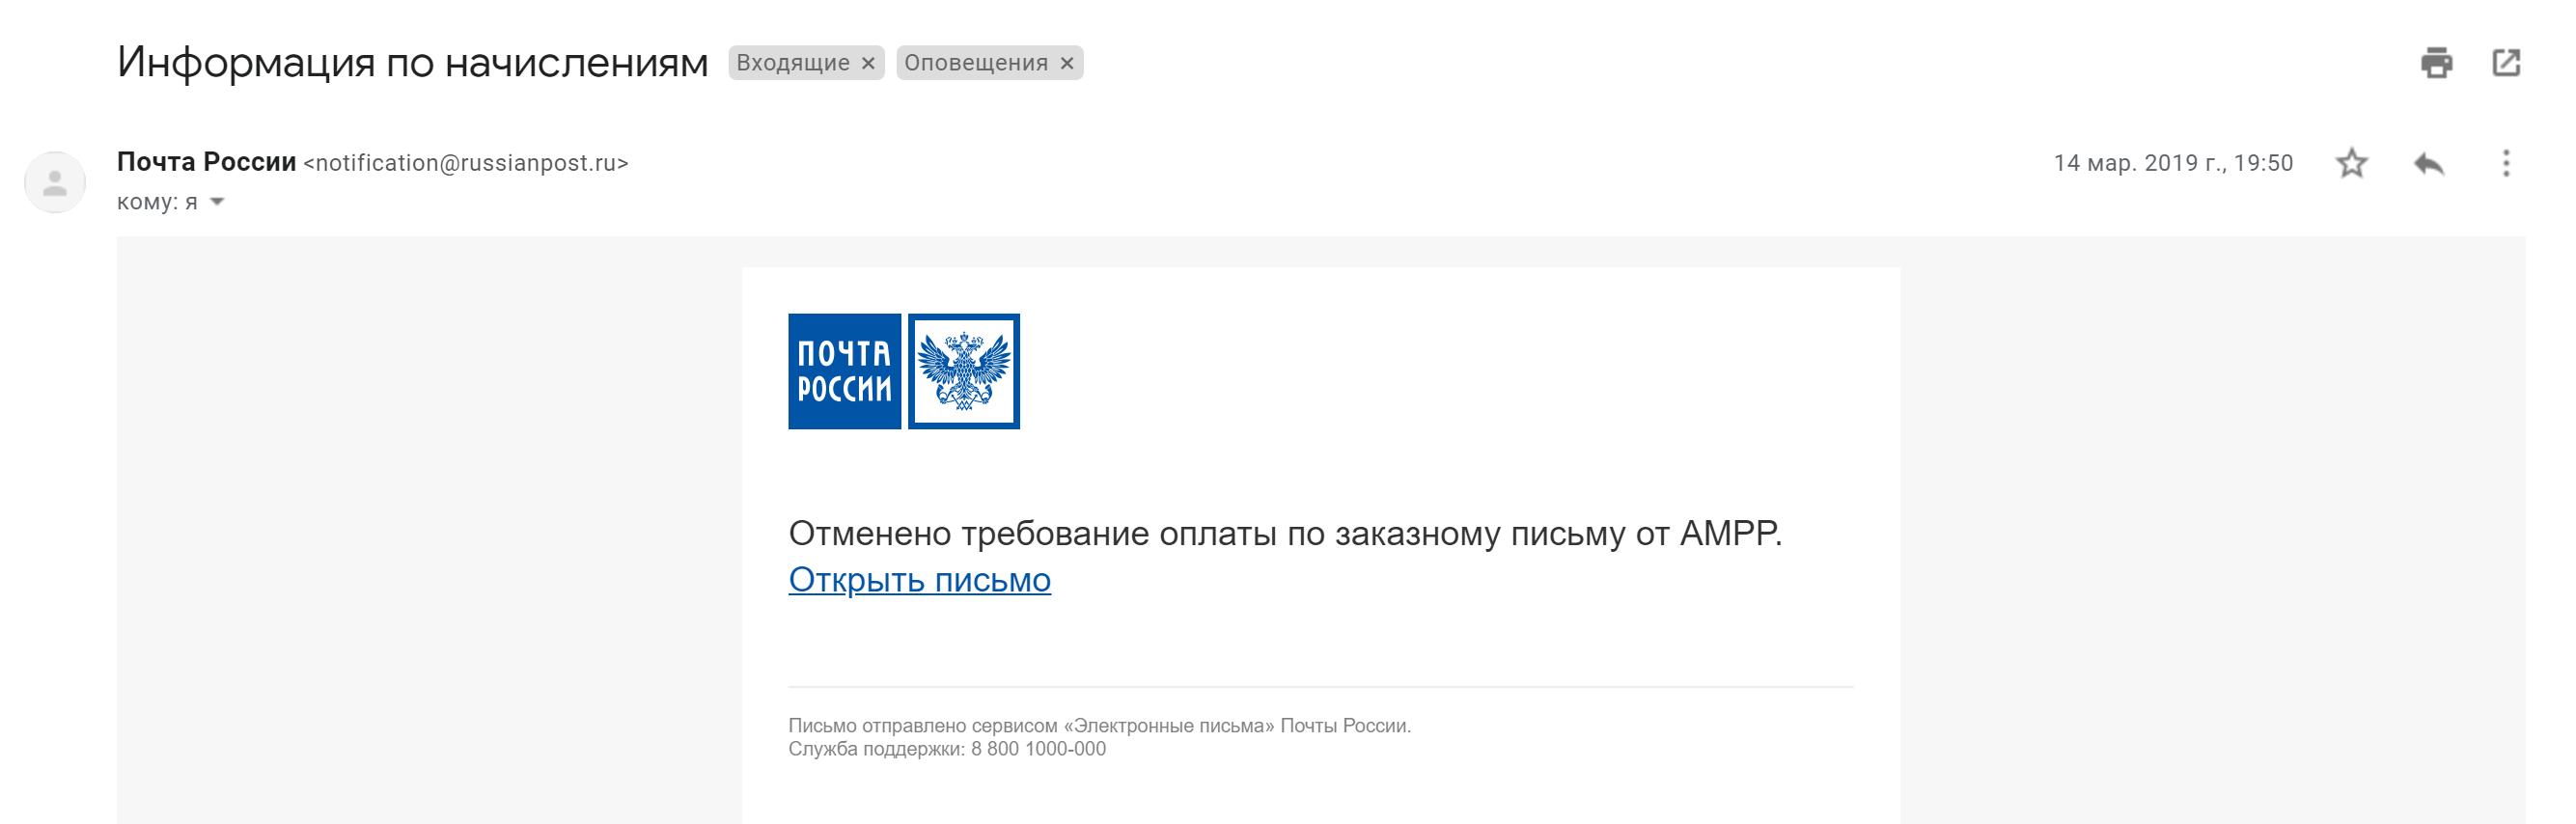 Первой об отмене штрафа сообщила Почта России. Письмо пришло раньше, чем результат рассмотрения жалобы